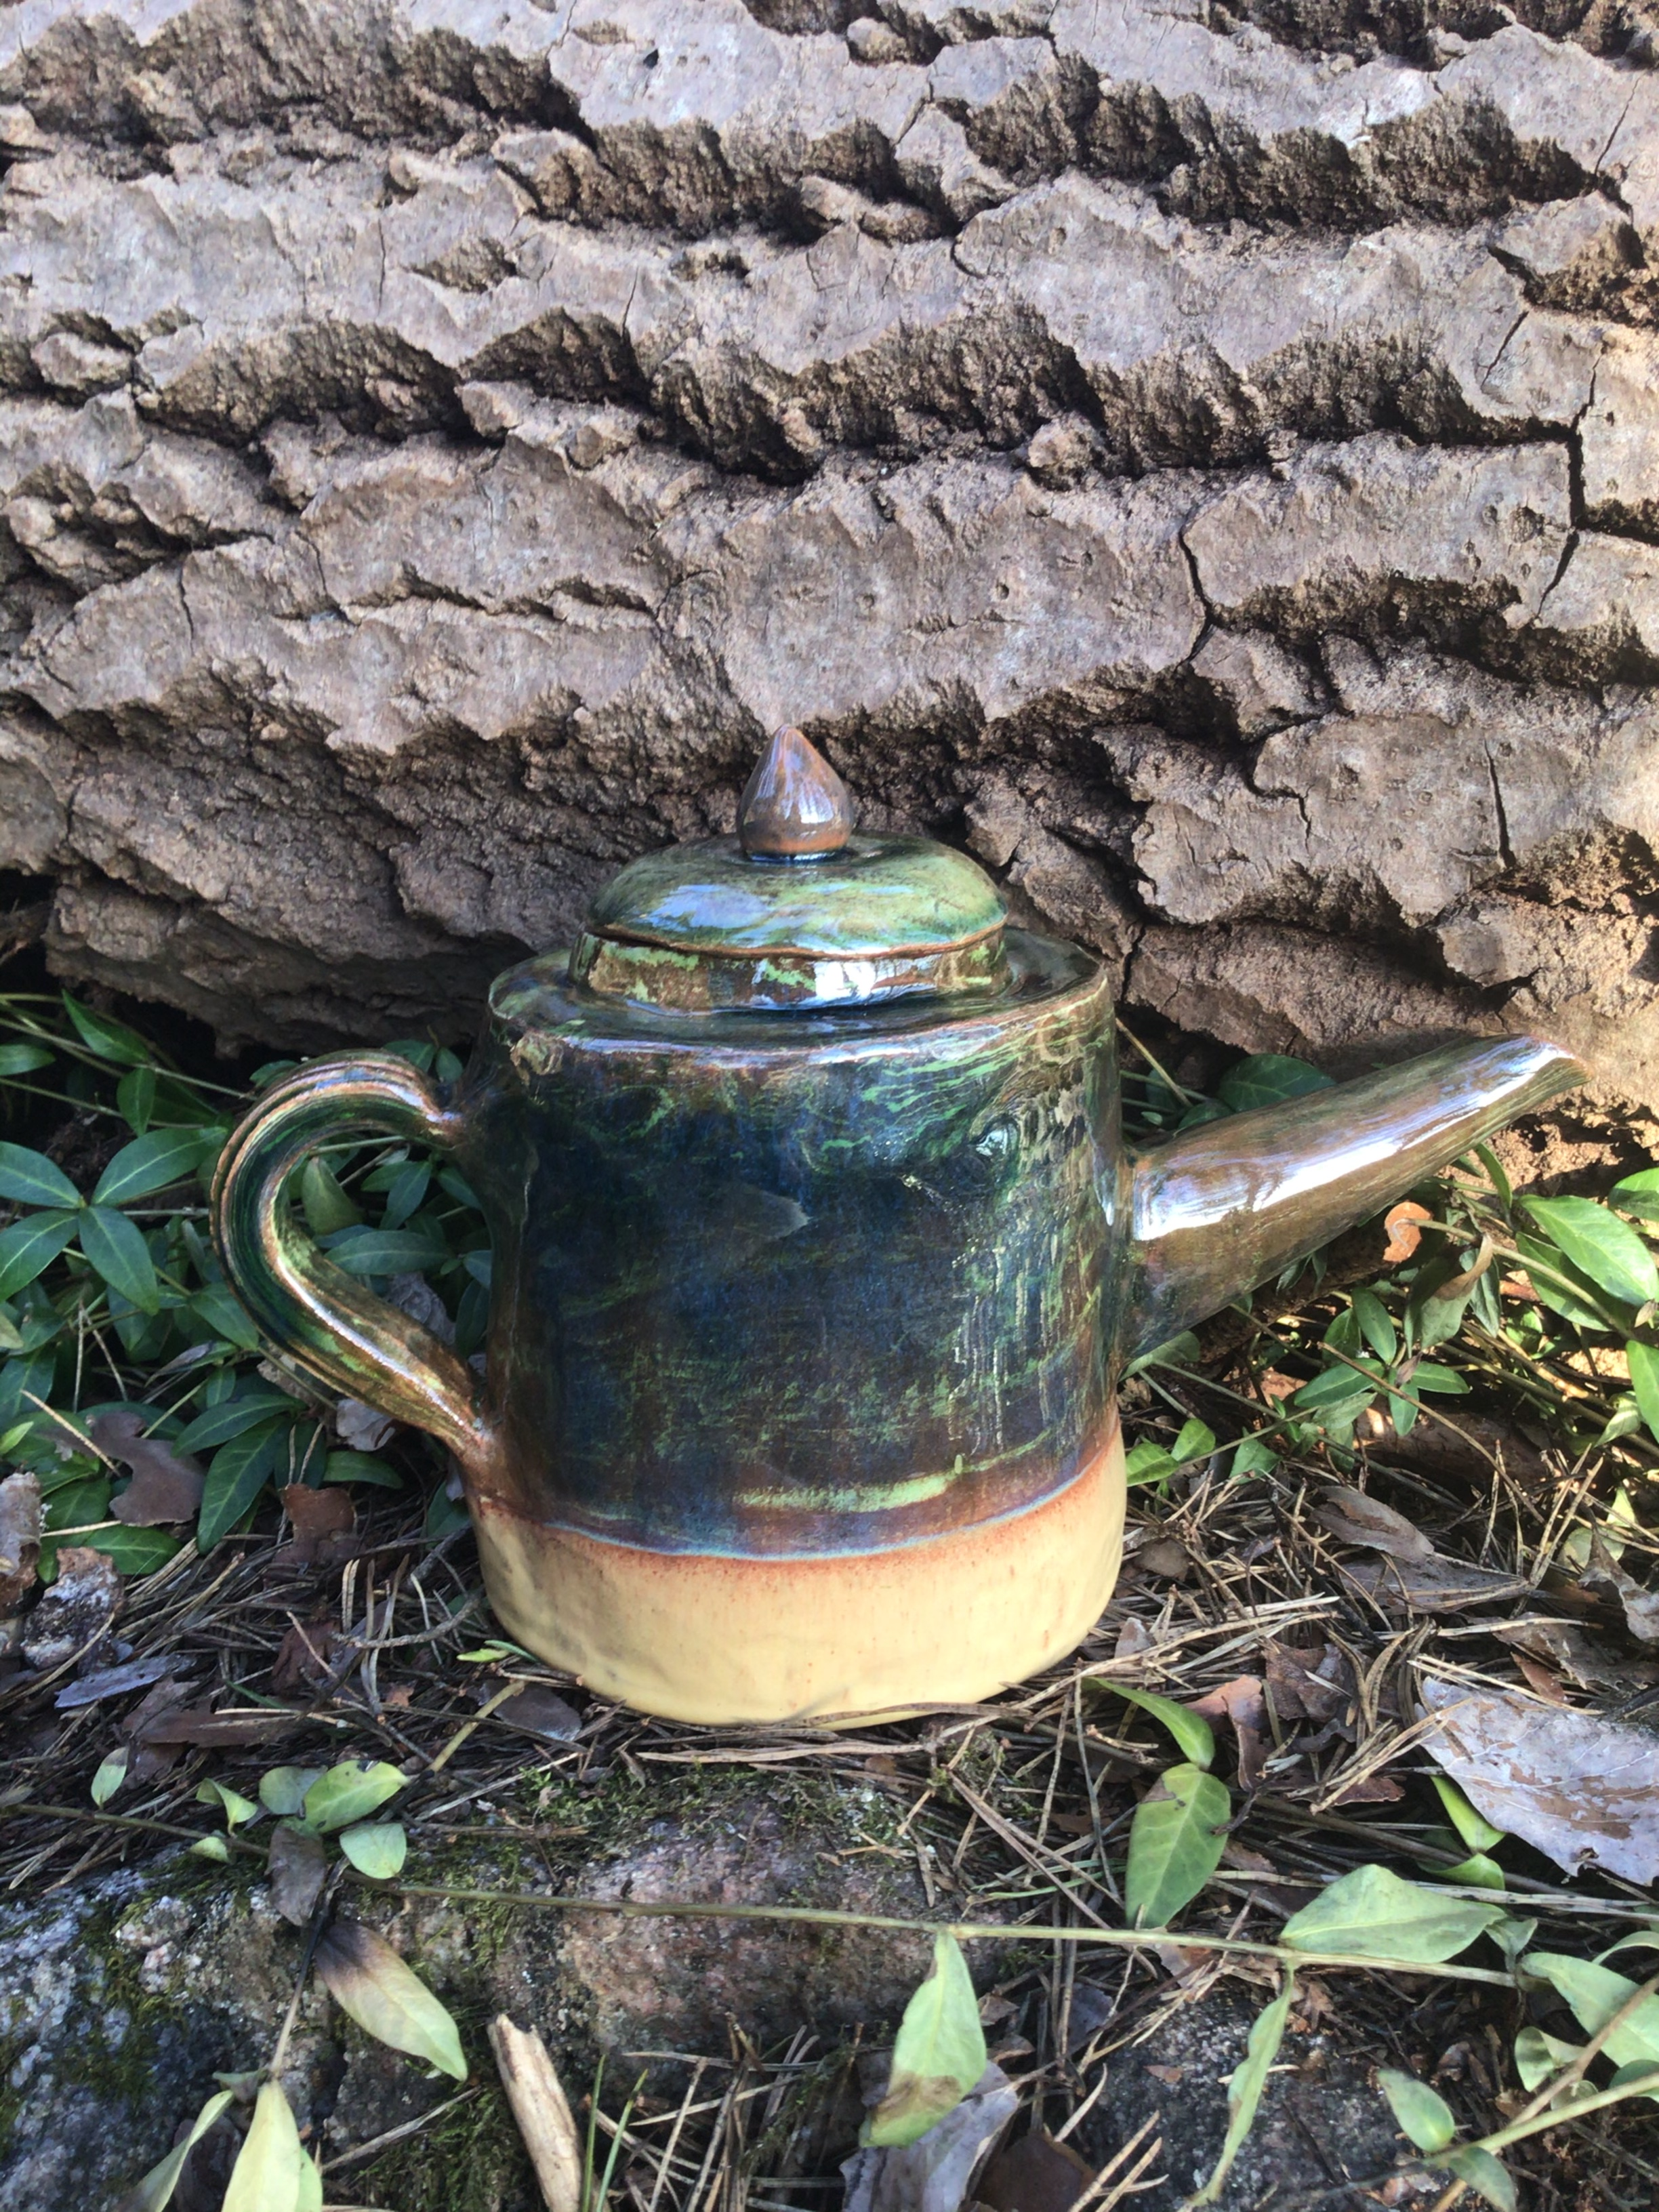 Tekanna i keramik med blågrönglasyr upptill och botten är oglaserad